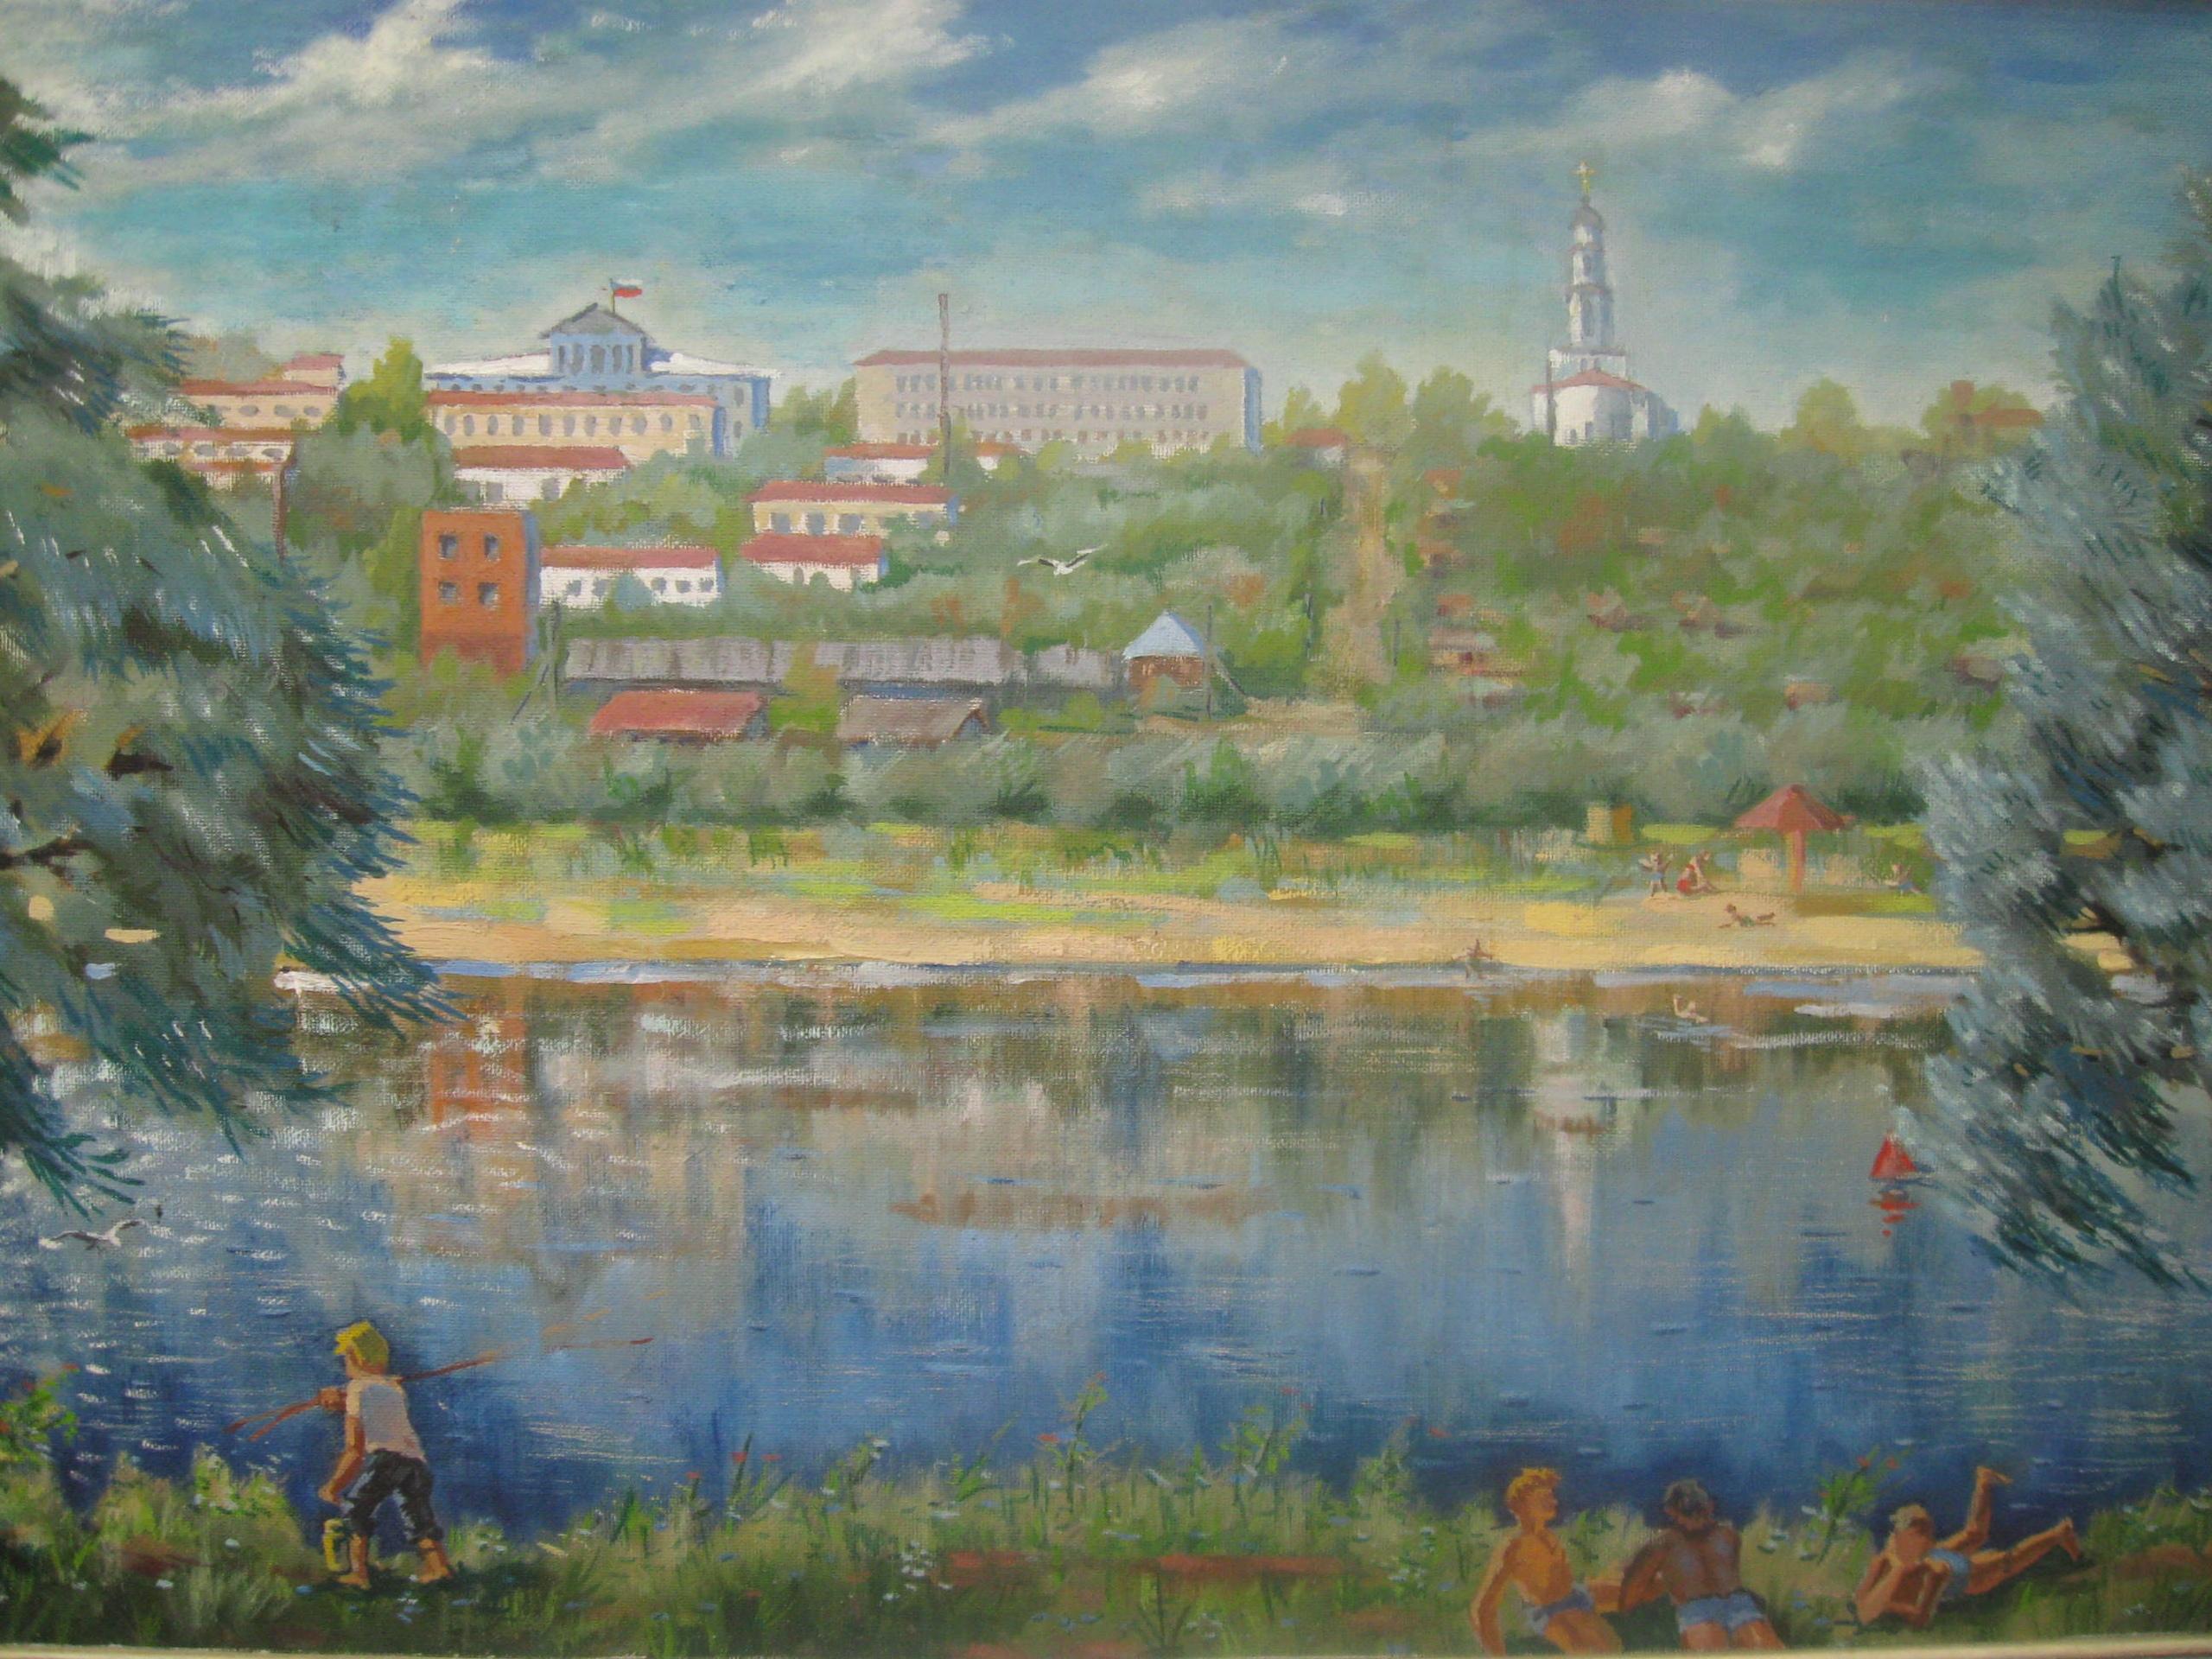 Ежегодную  культурно-образовательную  акцию «Ночь искусств»   районный историко-краеведческий  музей и картинная галерея  проводят в онлайн-формате